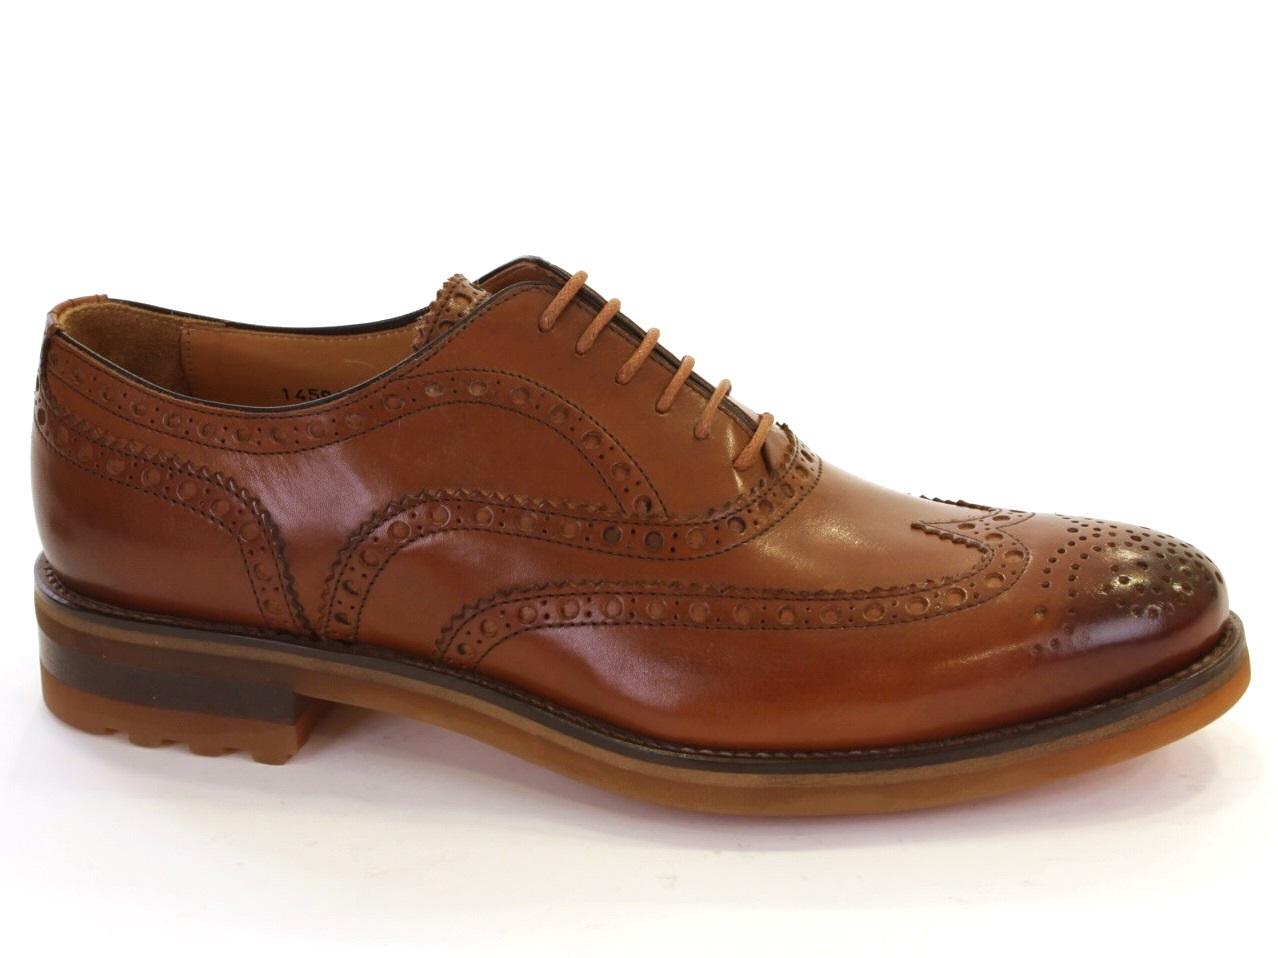 Lace Shoes Gino Bianchi - 405 14594